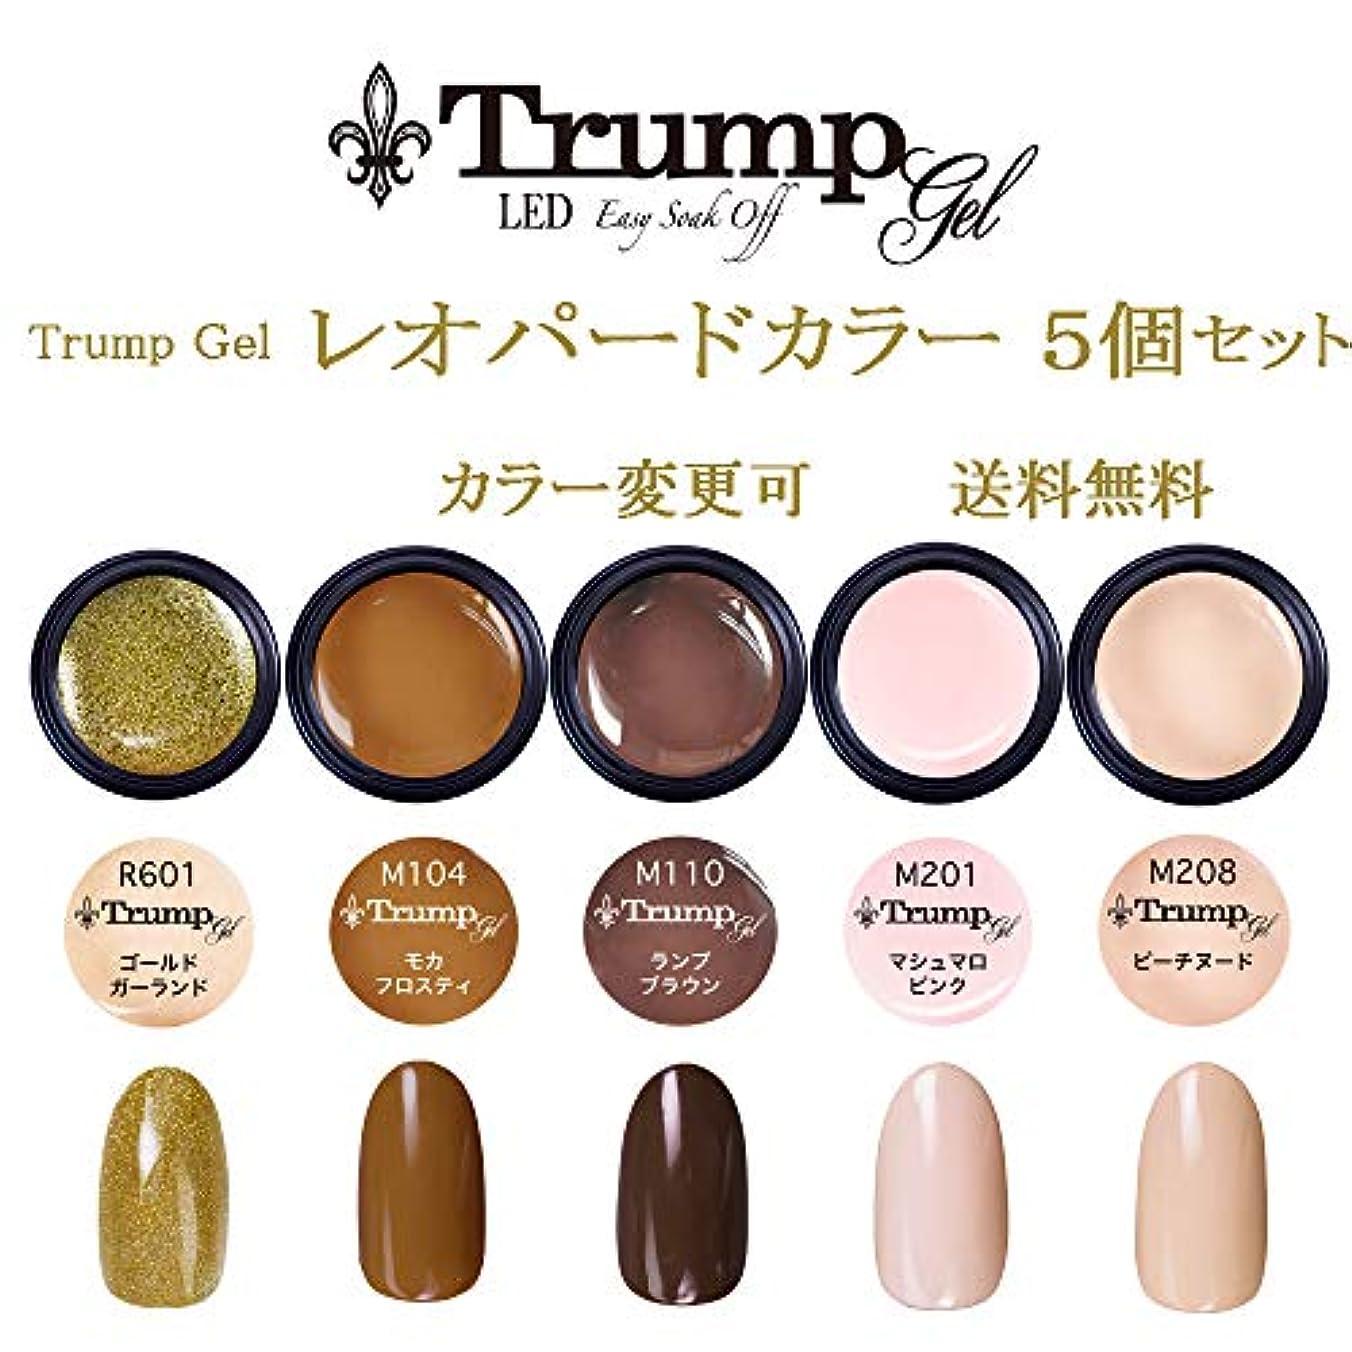 完了光沢のある助言【送料無料】日本製 Trump gel トランプジェル レオパードカラー 選べる カラージェル 5個セット アニマル ベージュ ブラウン ホワイト ラメ カラー